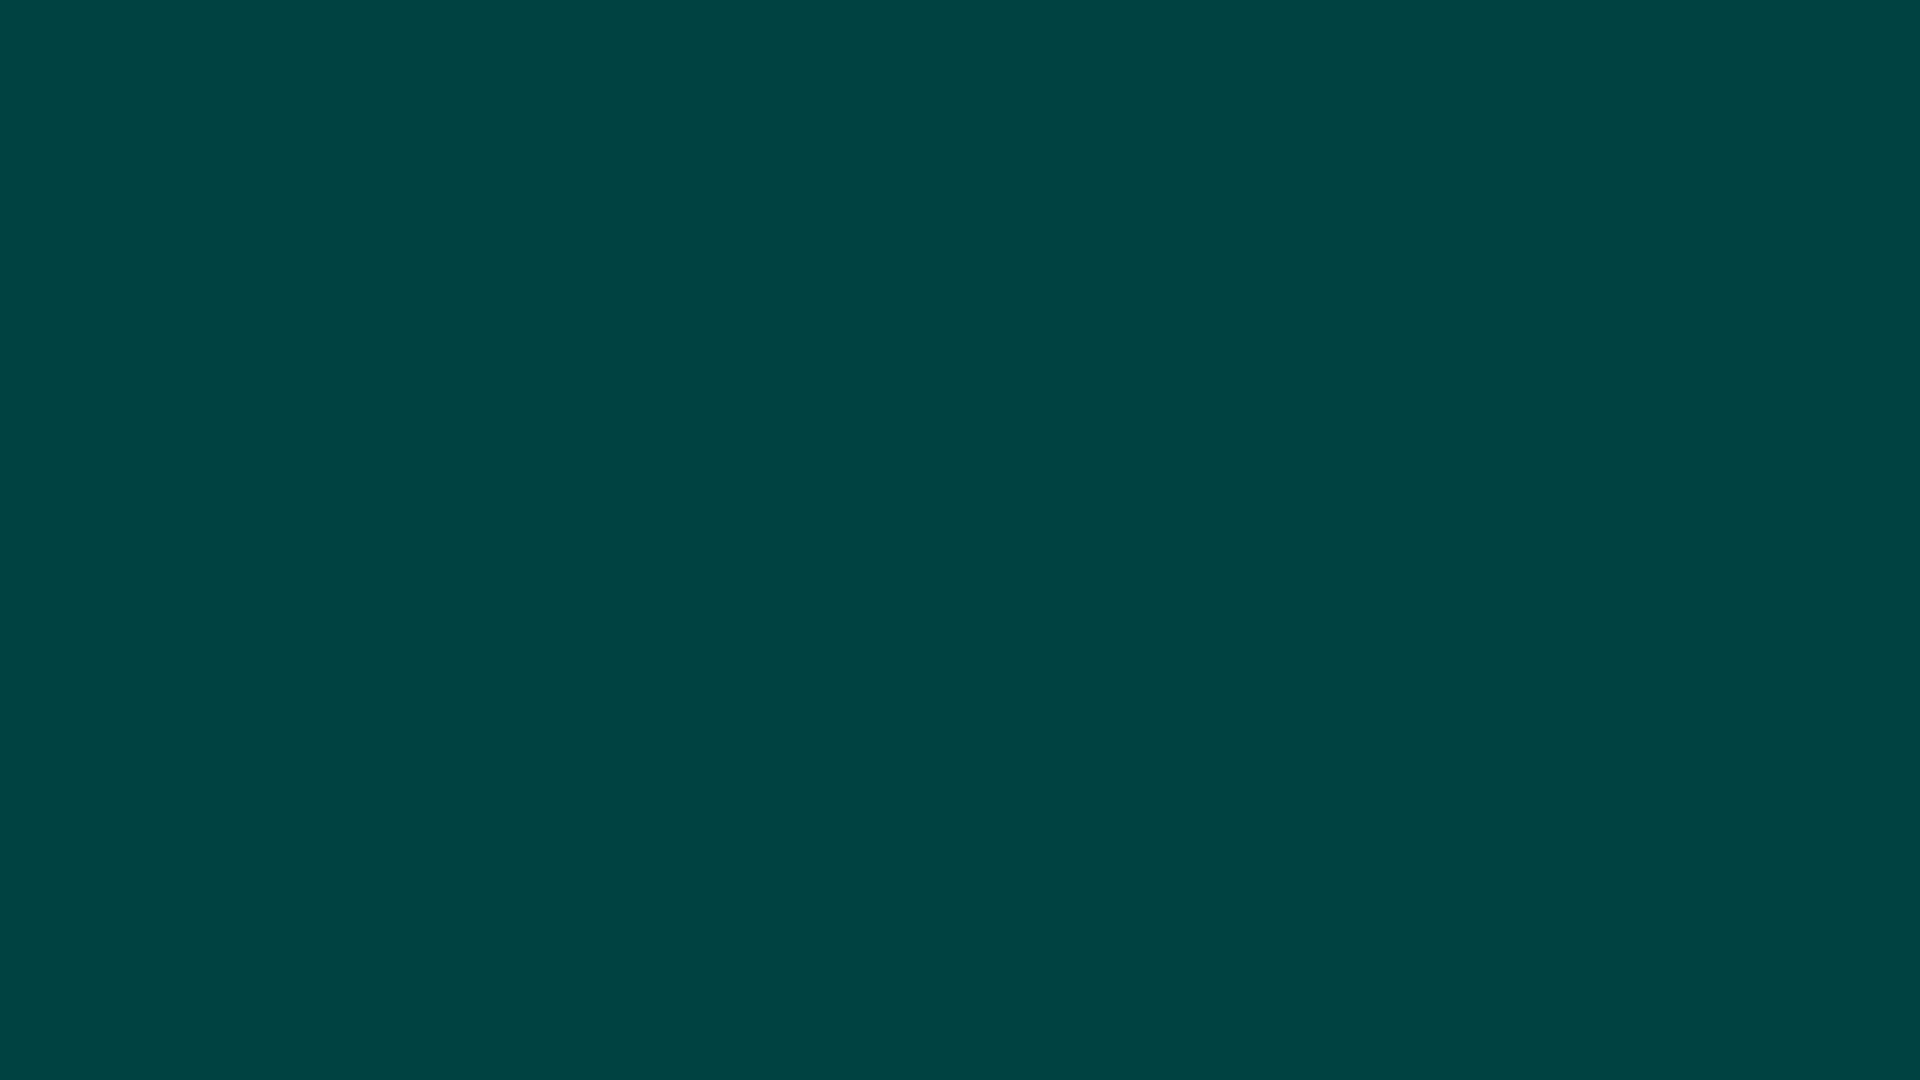 Solid Color Wallpaper 2108 1920 x 1080 – WallpaperLayer.com